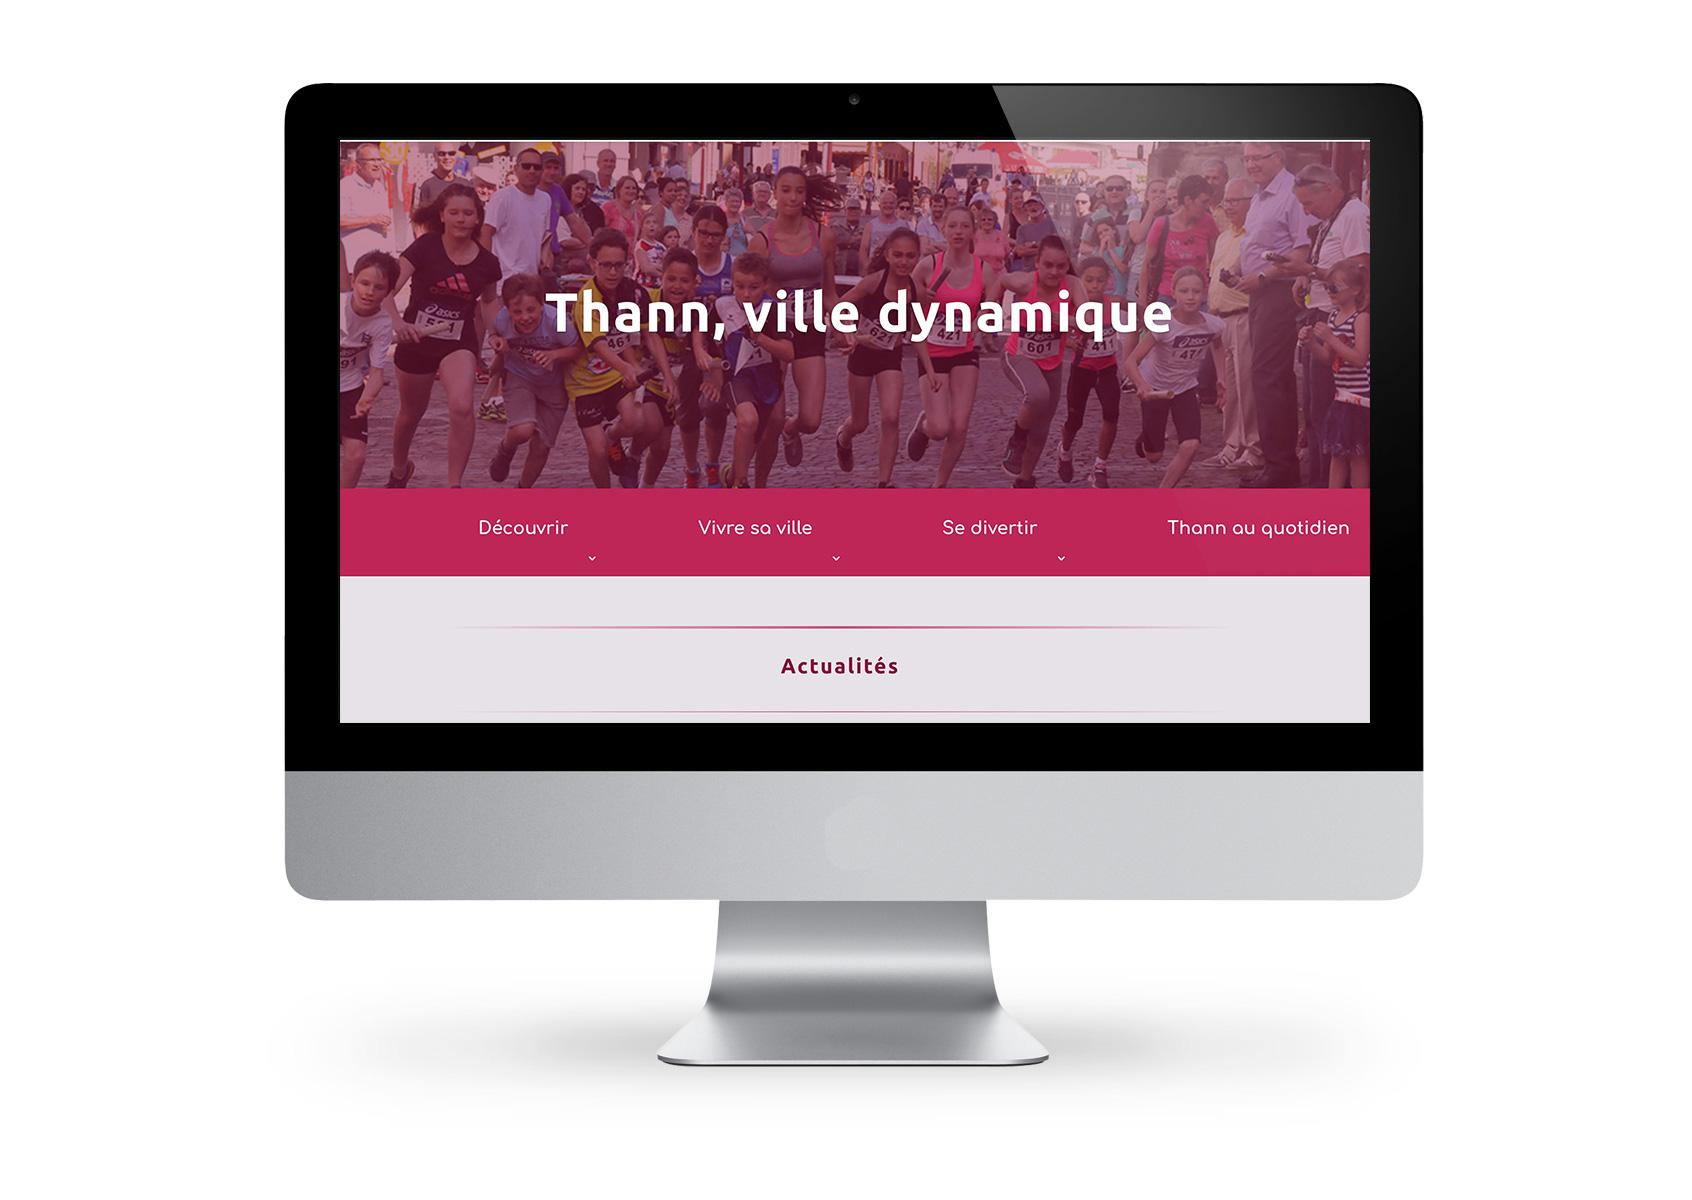 ecran d'ordinateur avec image du site internet en fond